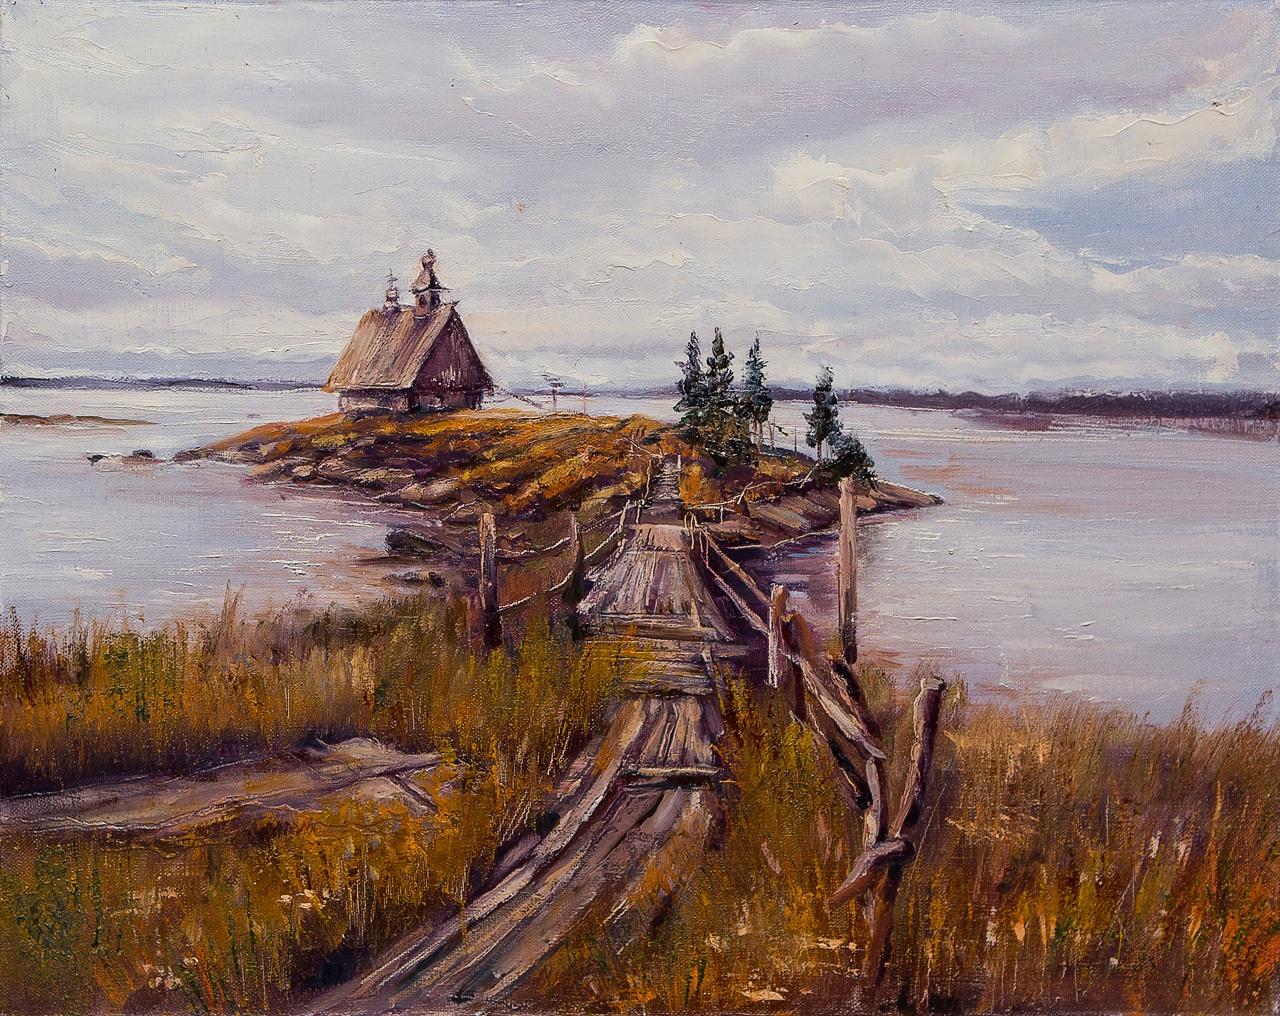 Картина маслом Остров Тимофеева картина маслом каменный остров винокуров